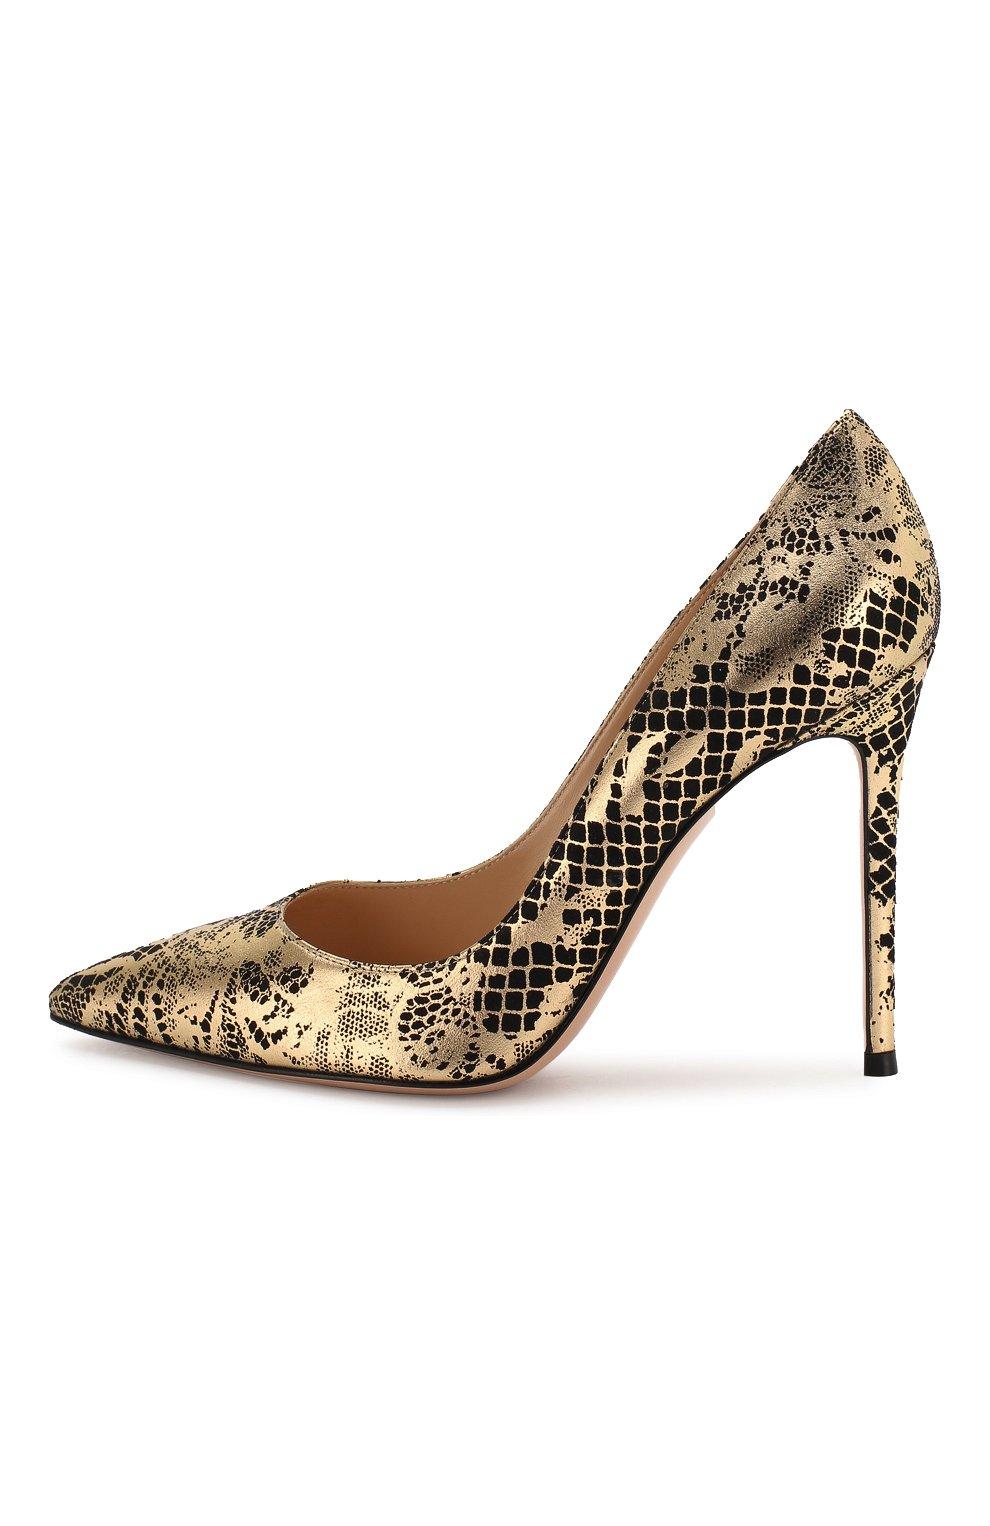 Кожаные туфли Gianvito 105 Gianvito Rossi золотые | Фото №3